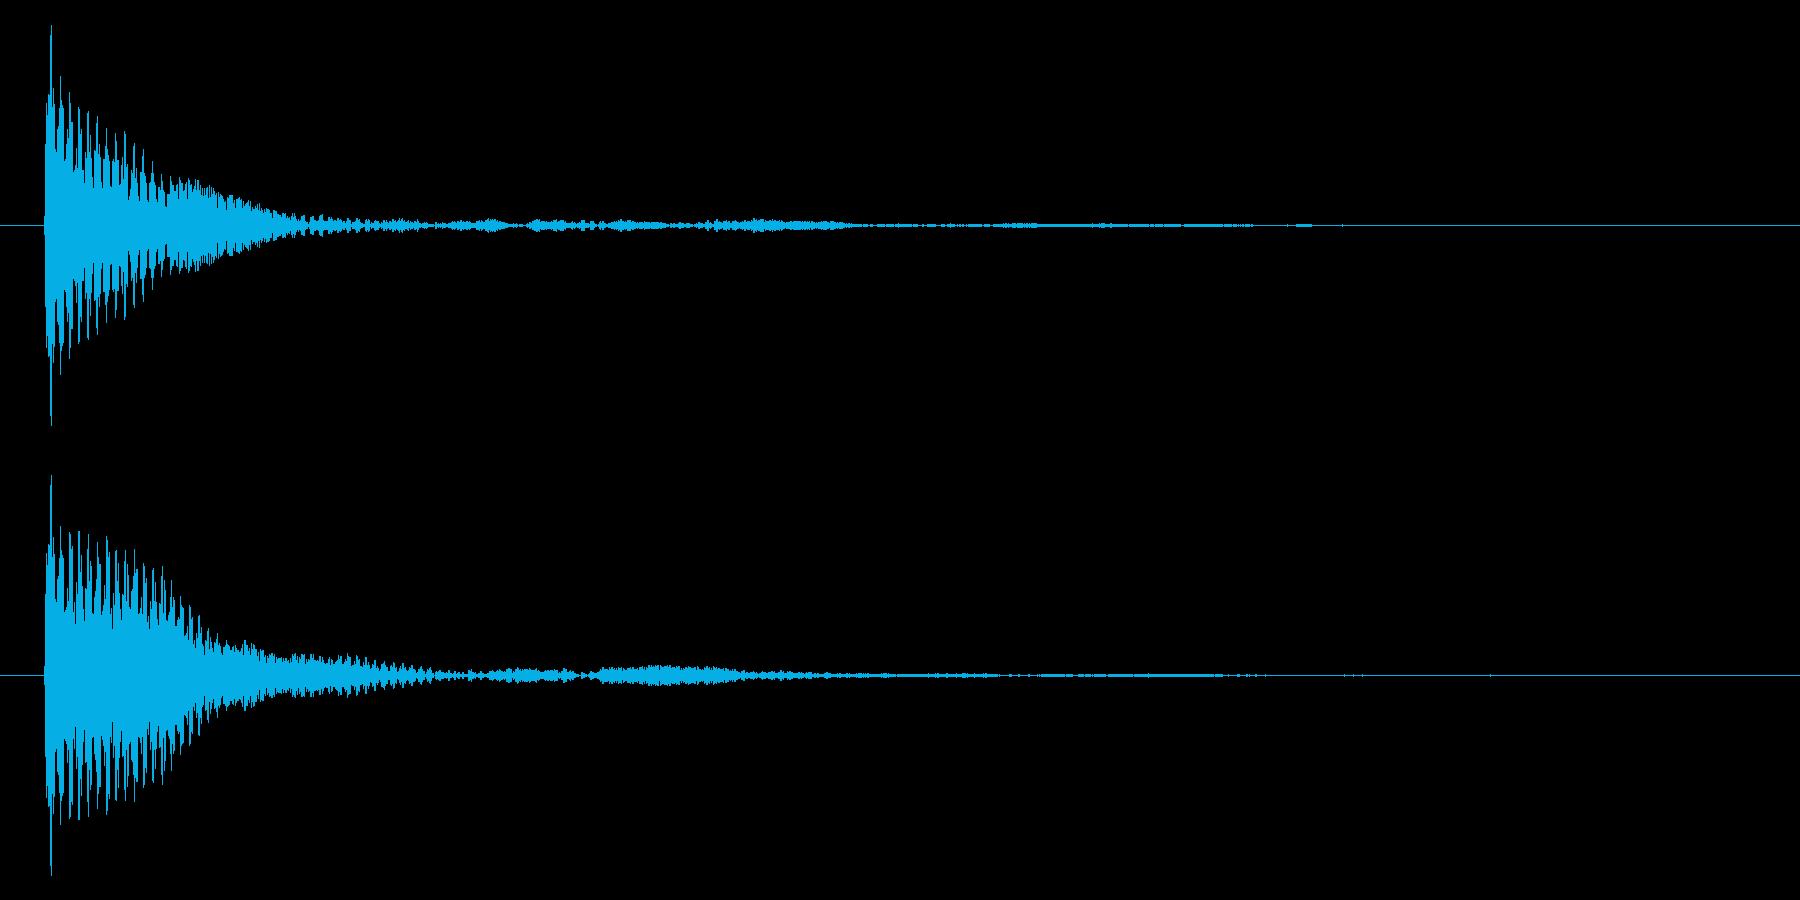 ポン カーソル音 タップ音 E-05_の再生済みの波形